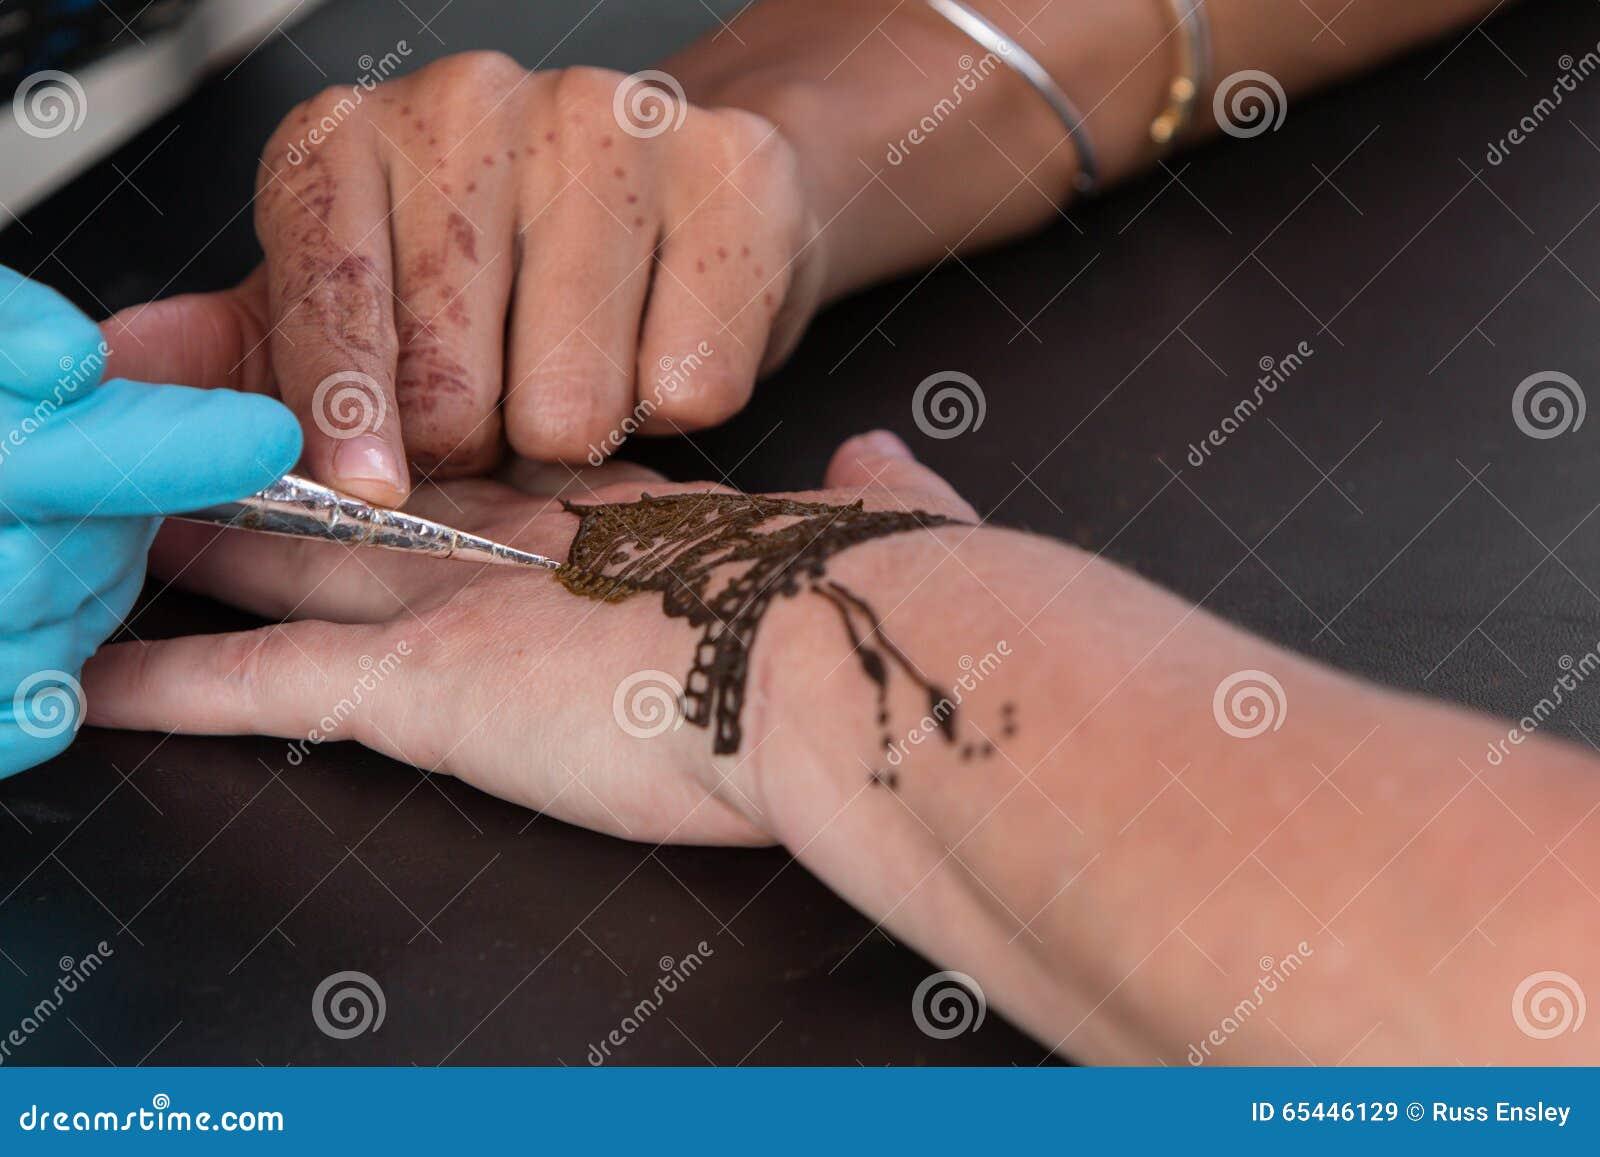 De Vrouw Krijgt Tijdelijke Henna Tattoo On Hand Redactionele